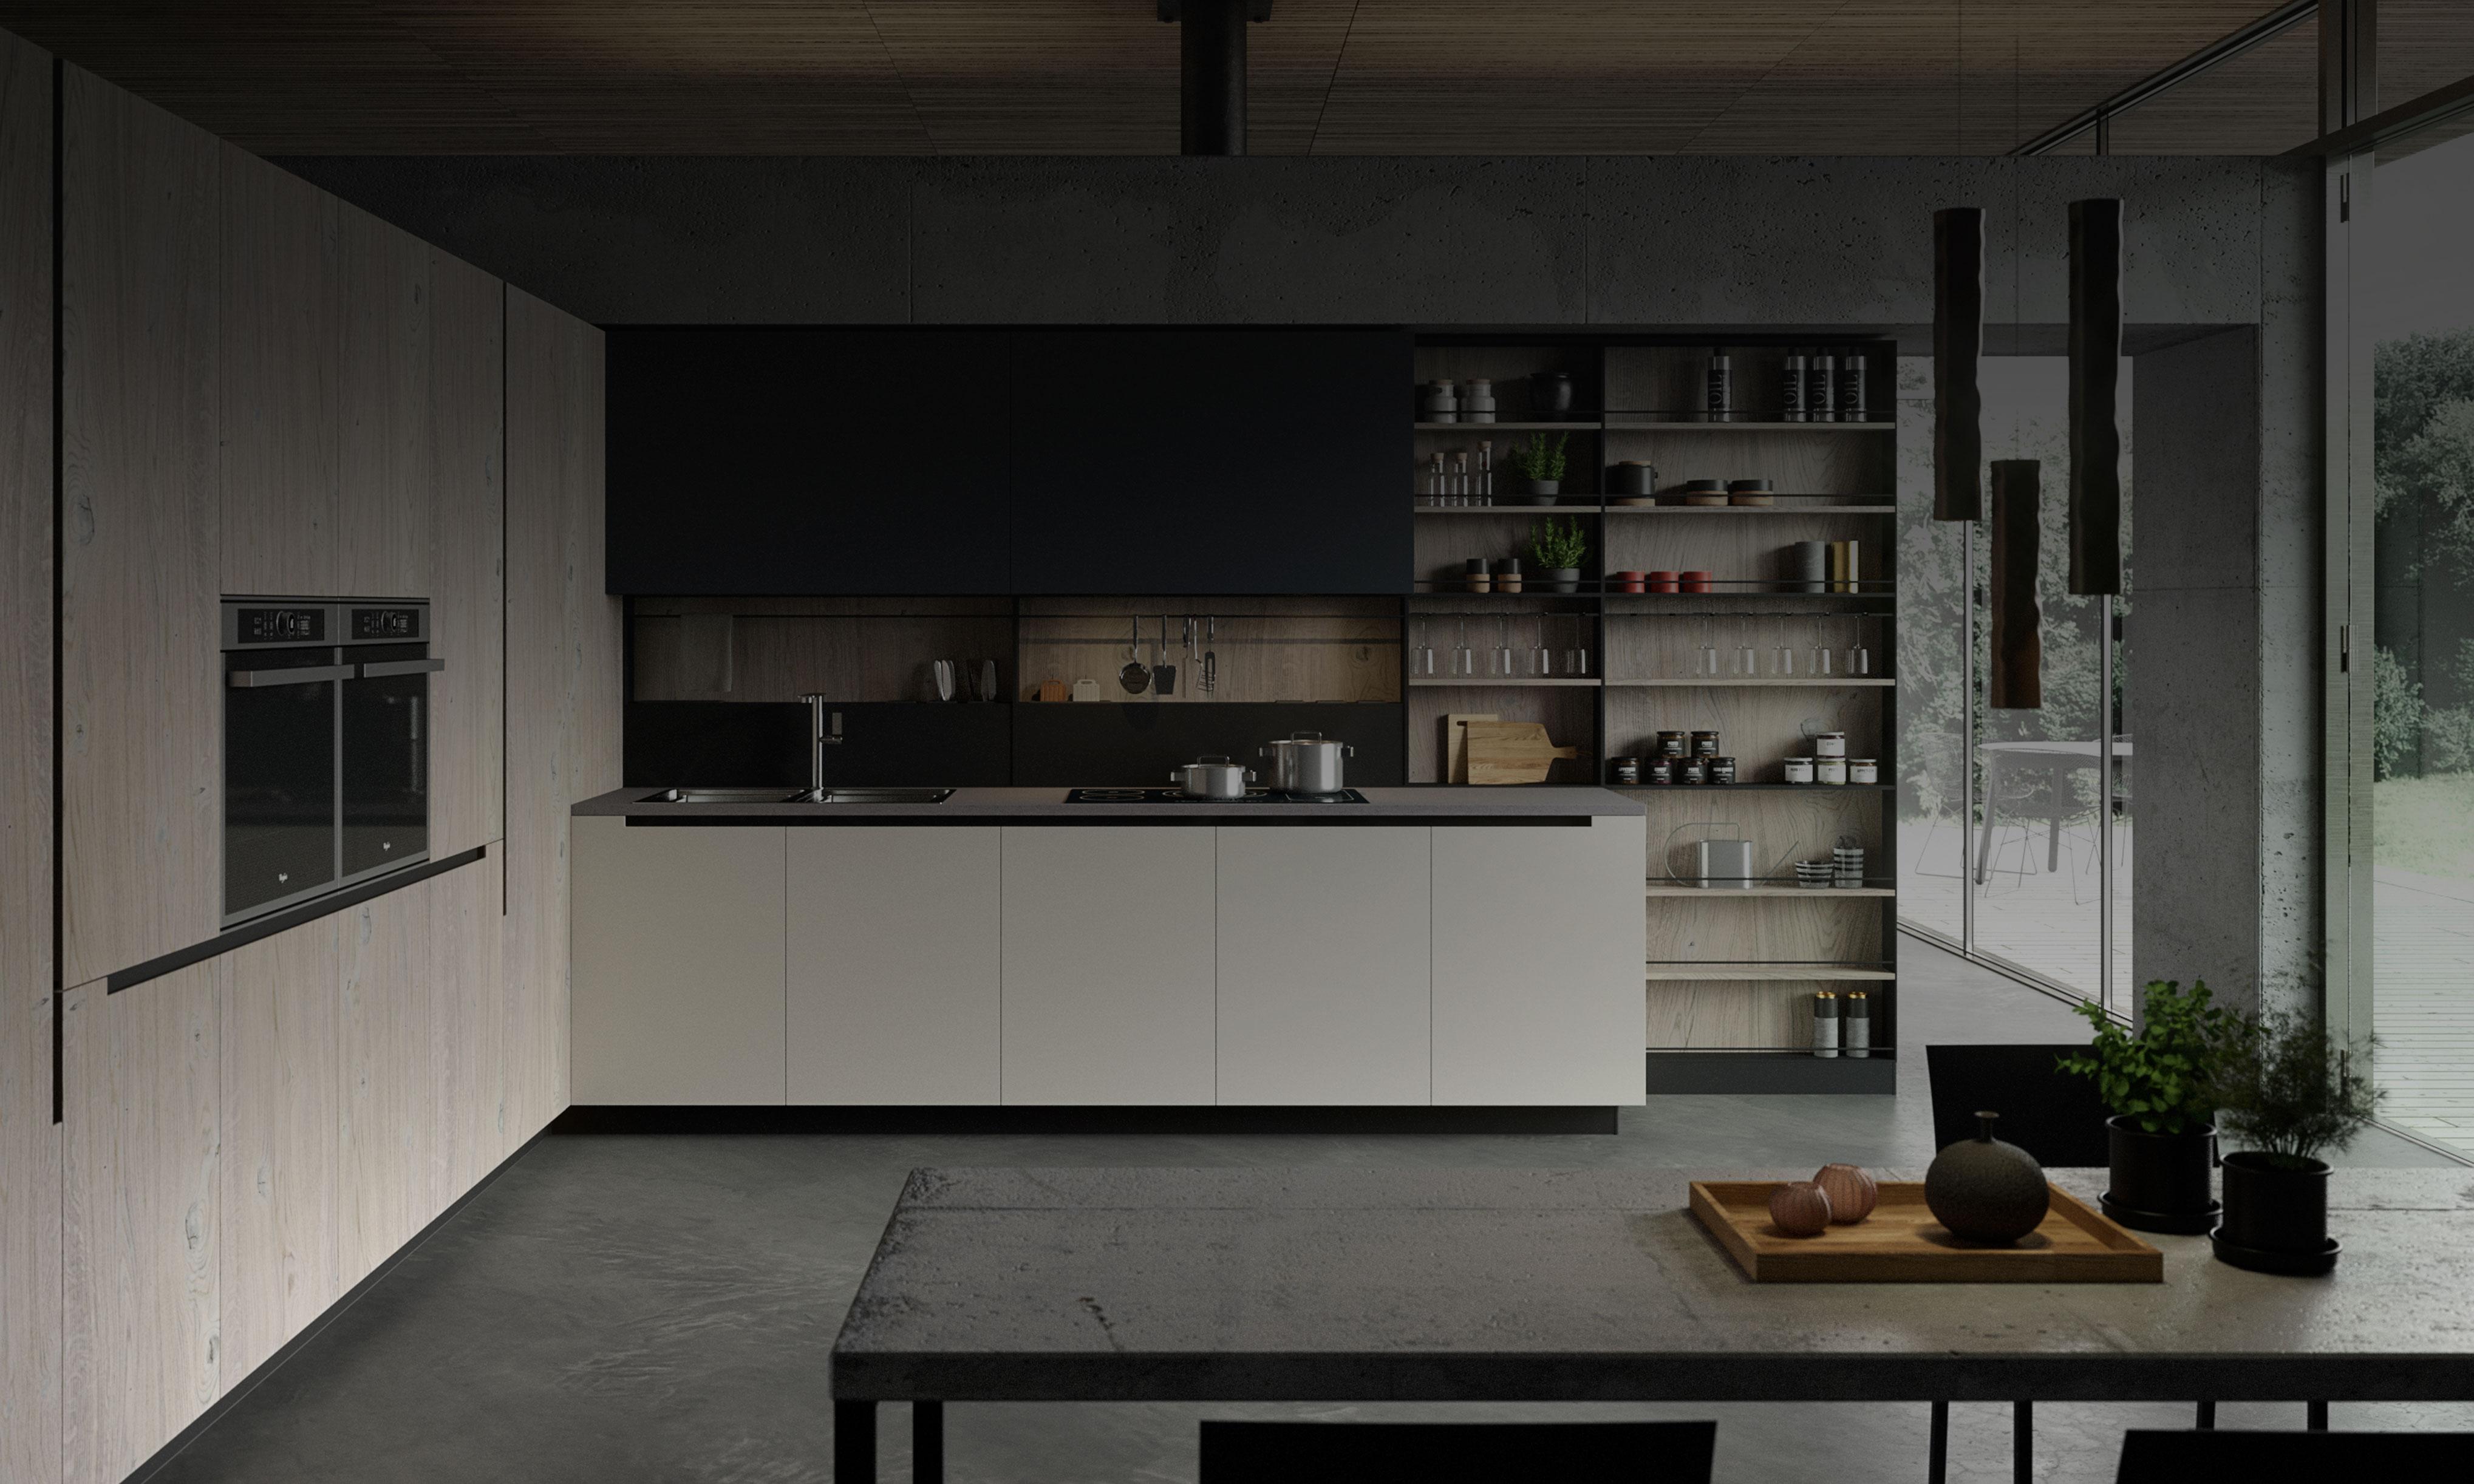 Cocinas en pamplona casa m a mobiliario de dise o italiano - Armarios diseno italiano ...